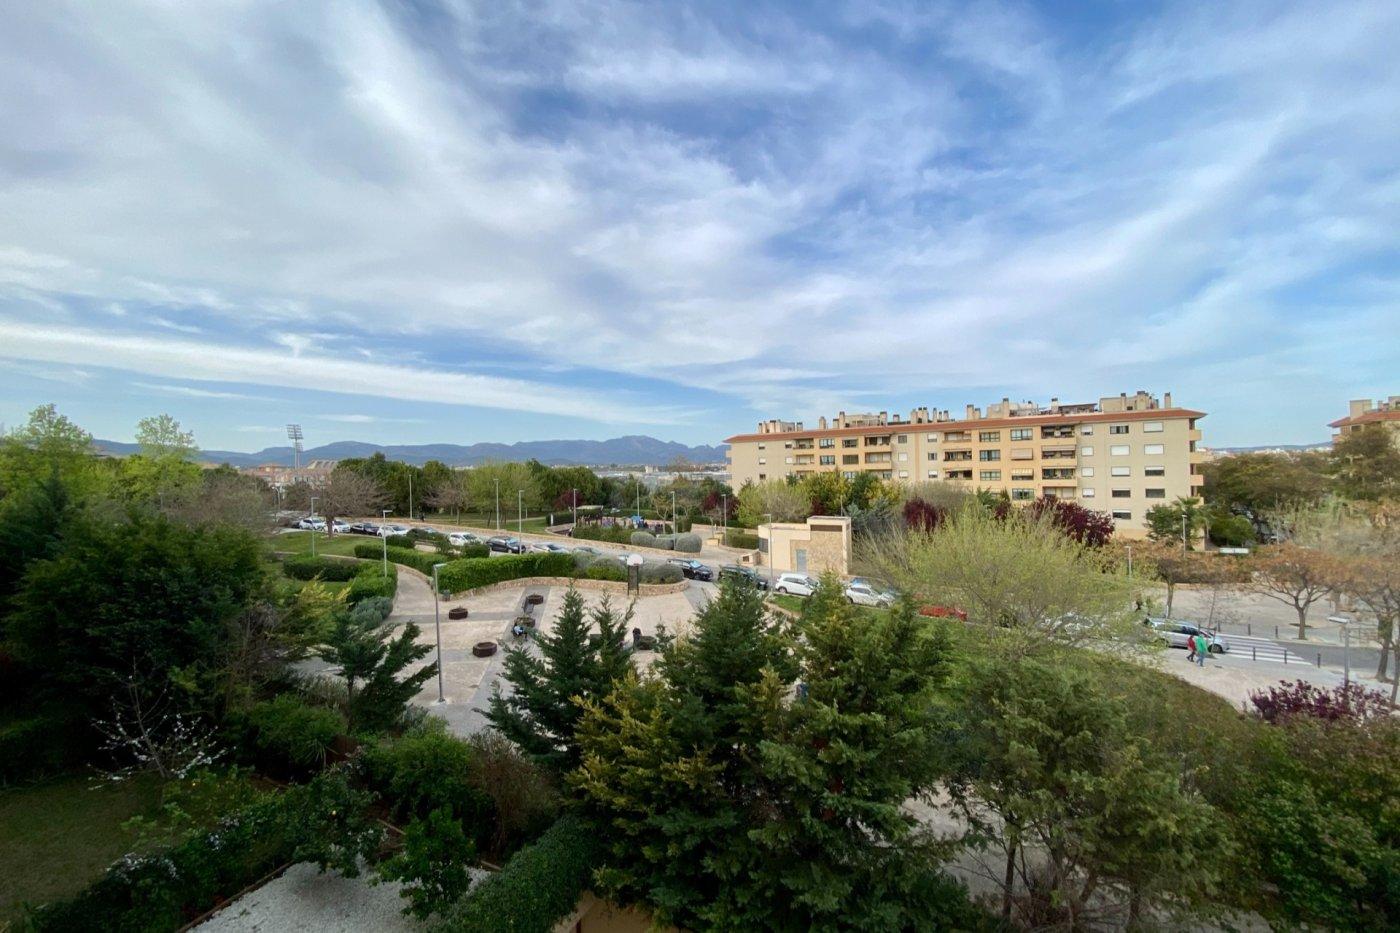 Piso sin muebles de 105 m² de superficie en zona residencial de son cotoner, palma de mall - imagenInmueble11